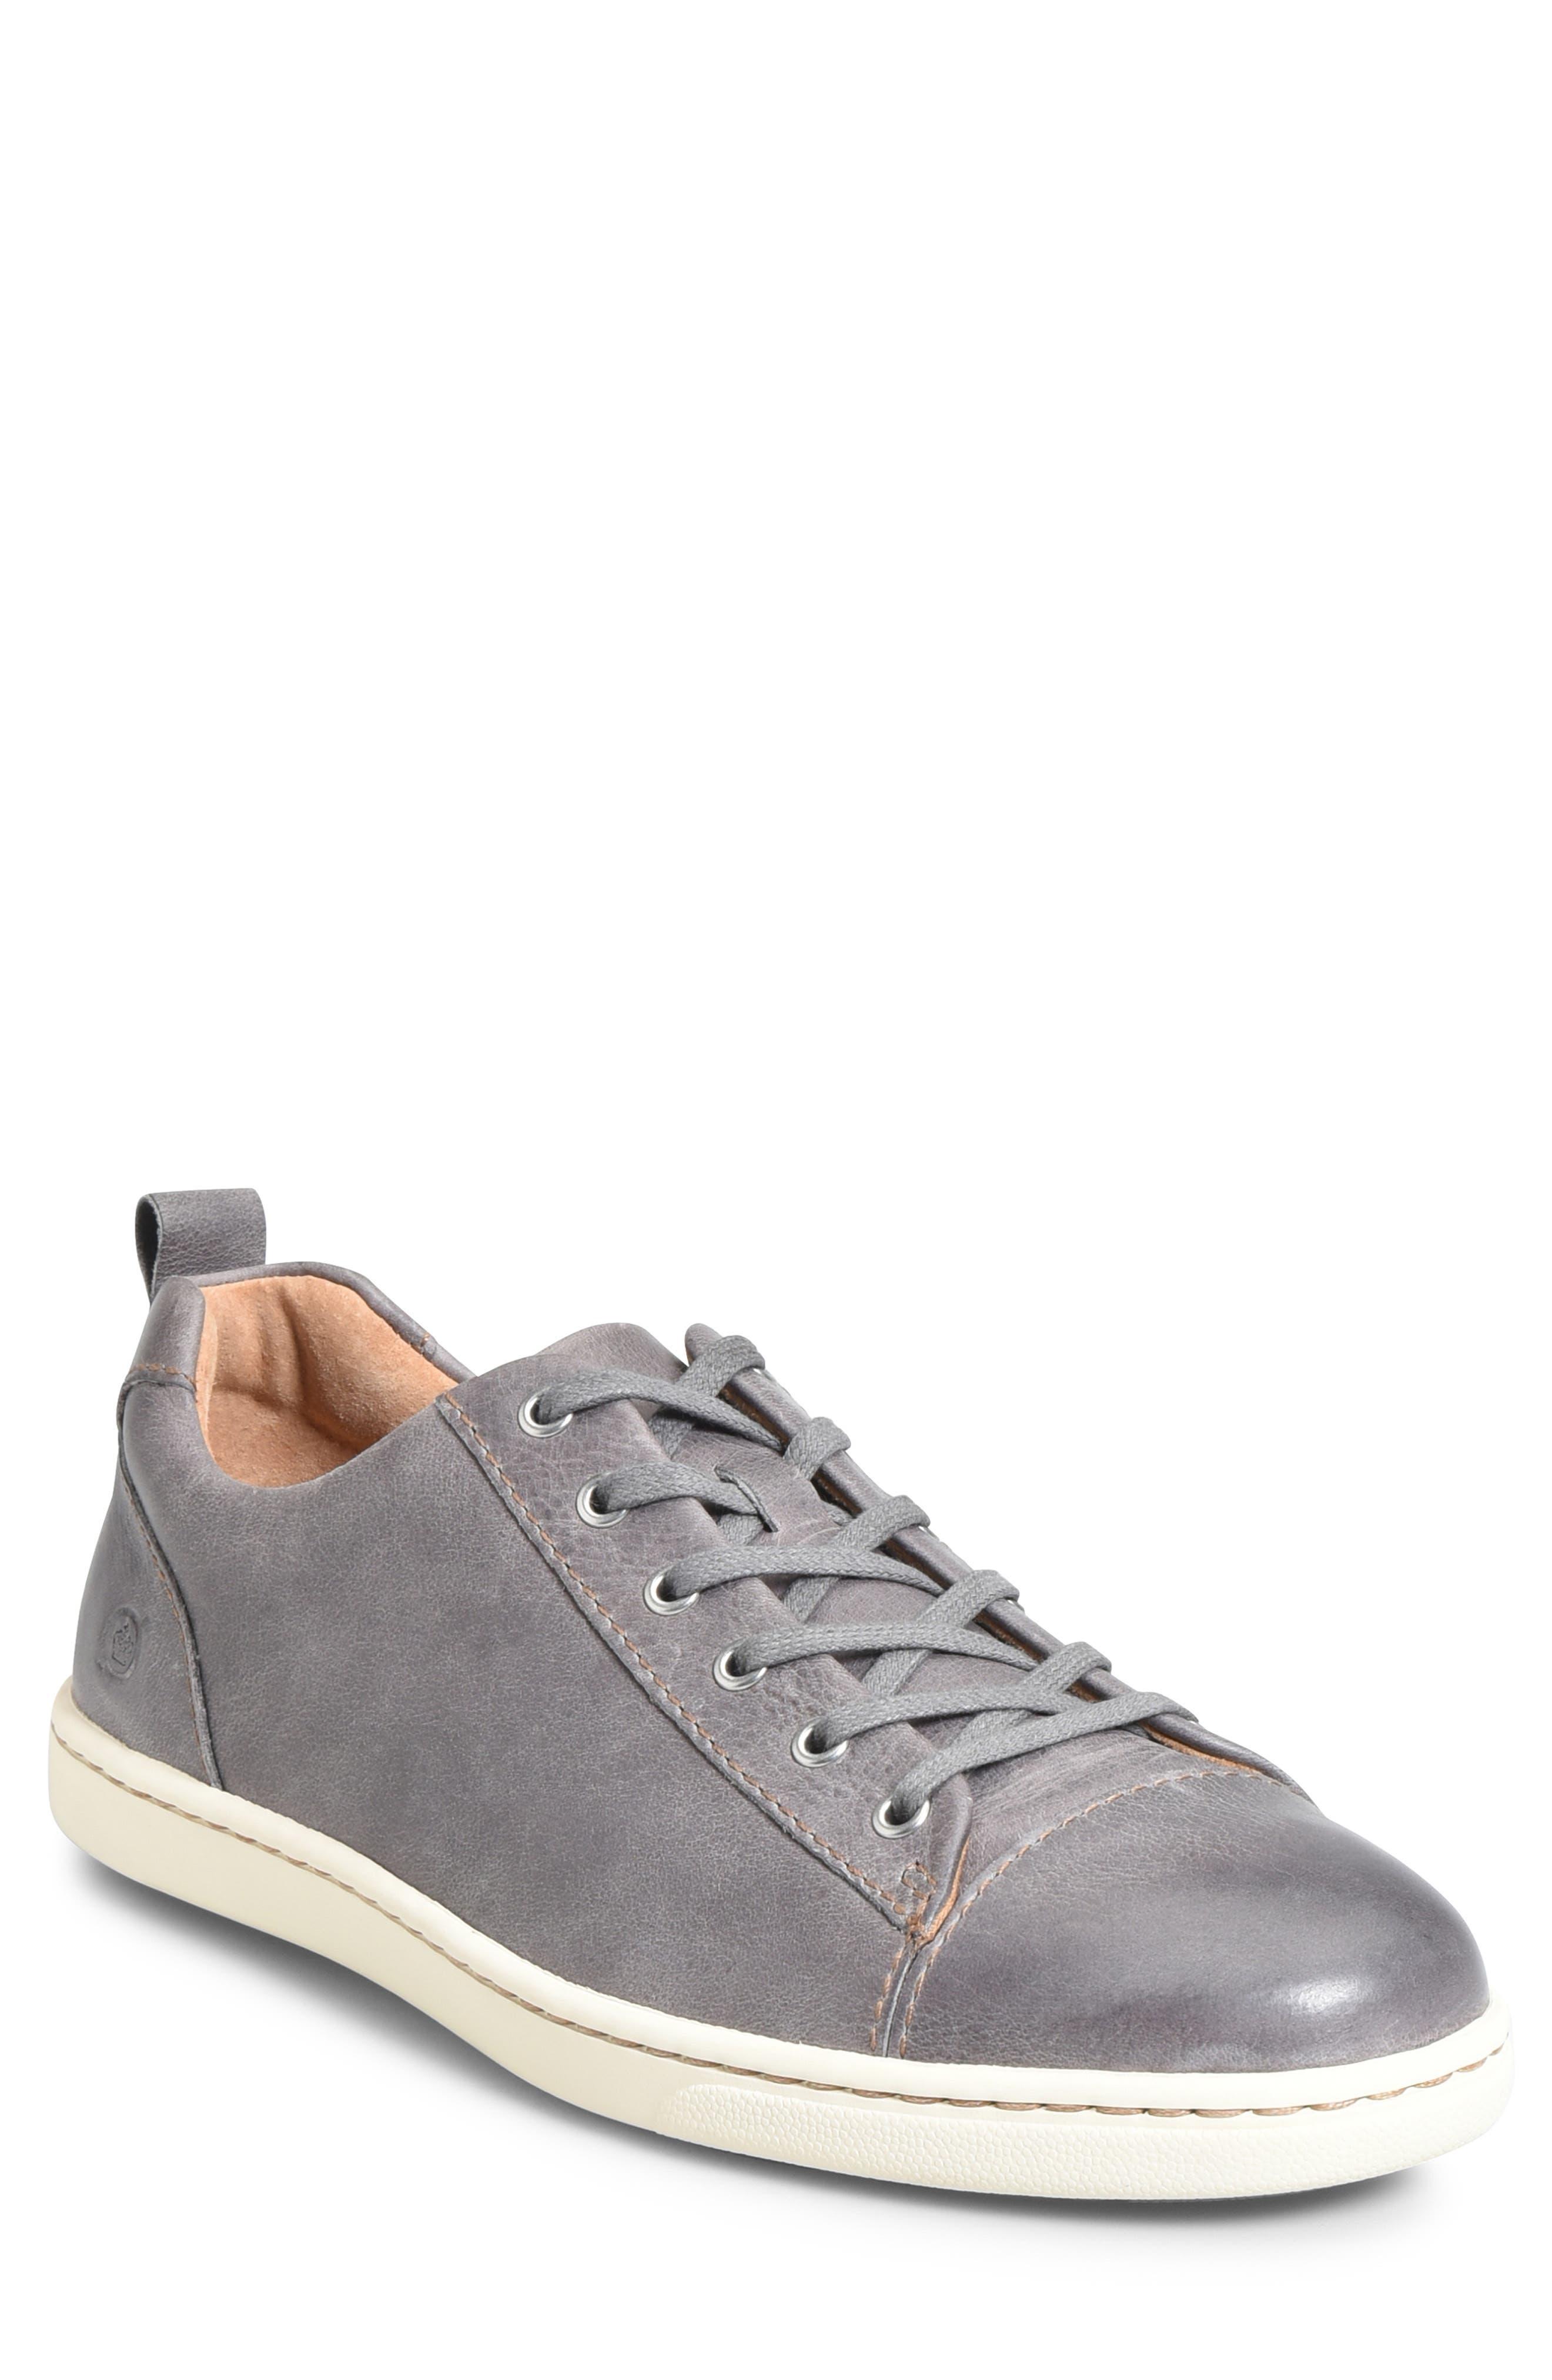 Men's B?rn Allegheny Sneaker